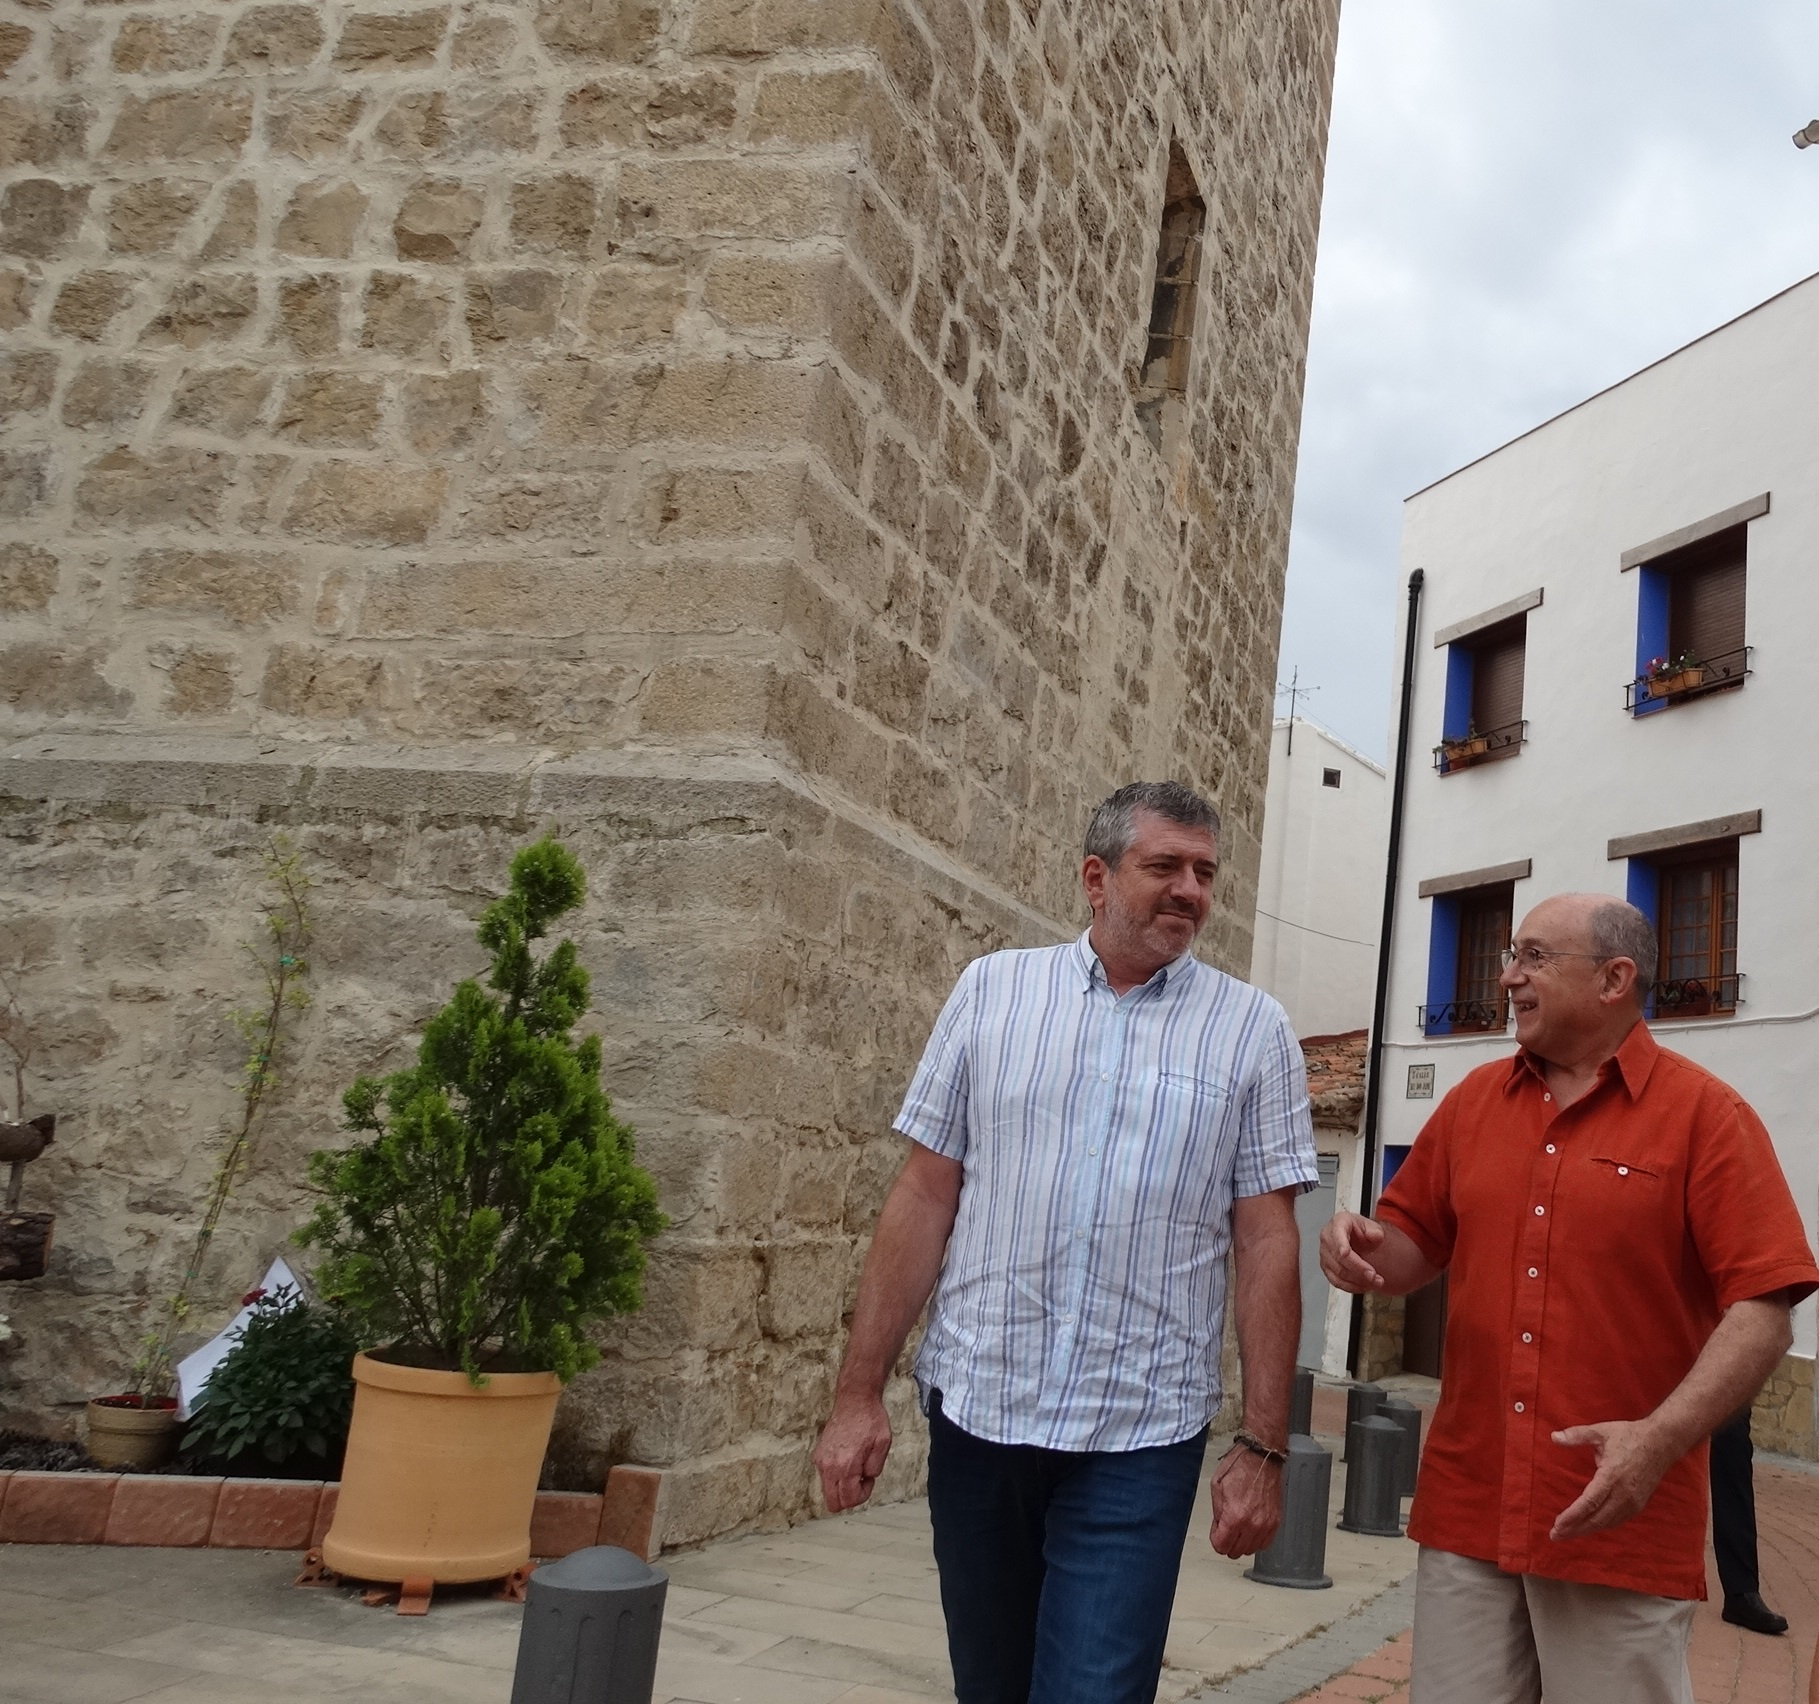 Josep Bort con el alcalde de Aras de los Olmos, Rafael Giménez, durante la visita a la localidad.